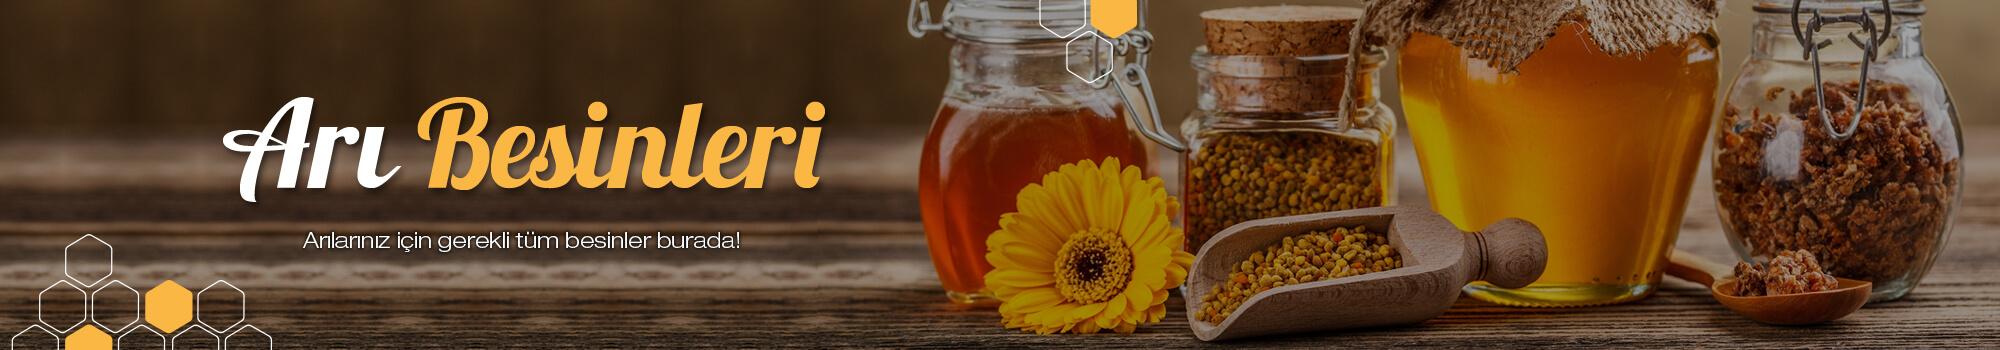 Arı Besinleri